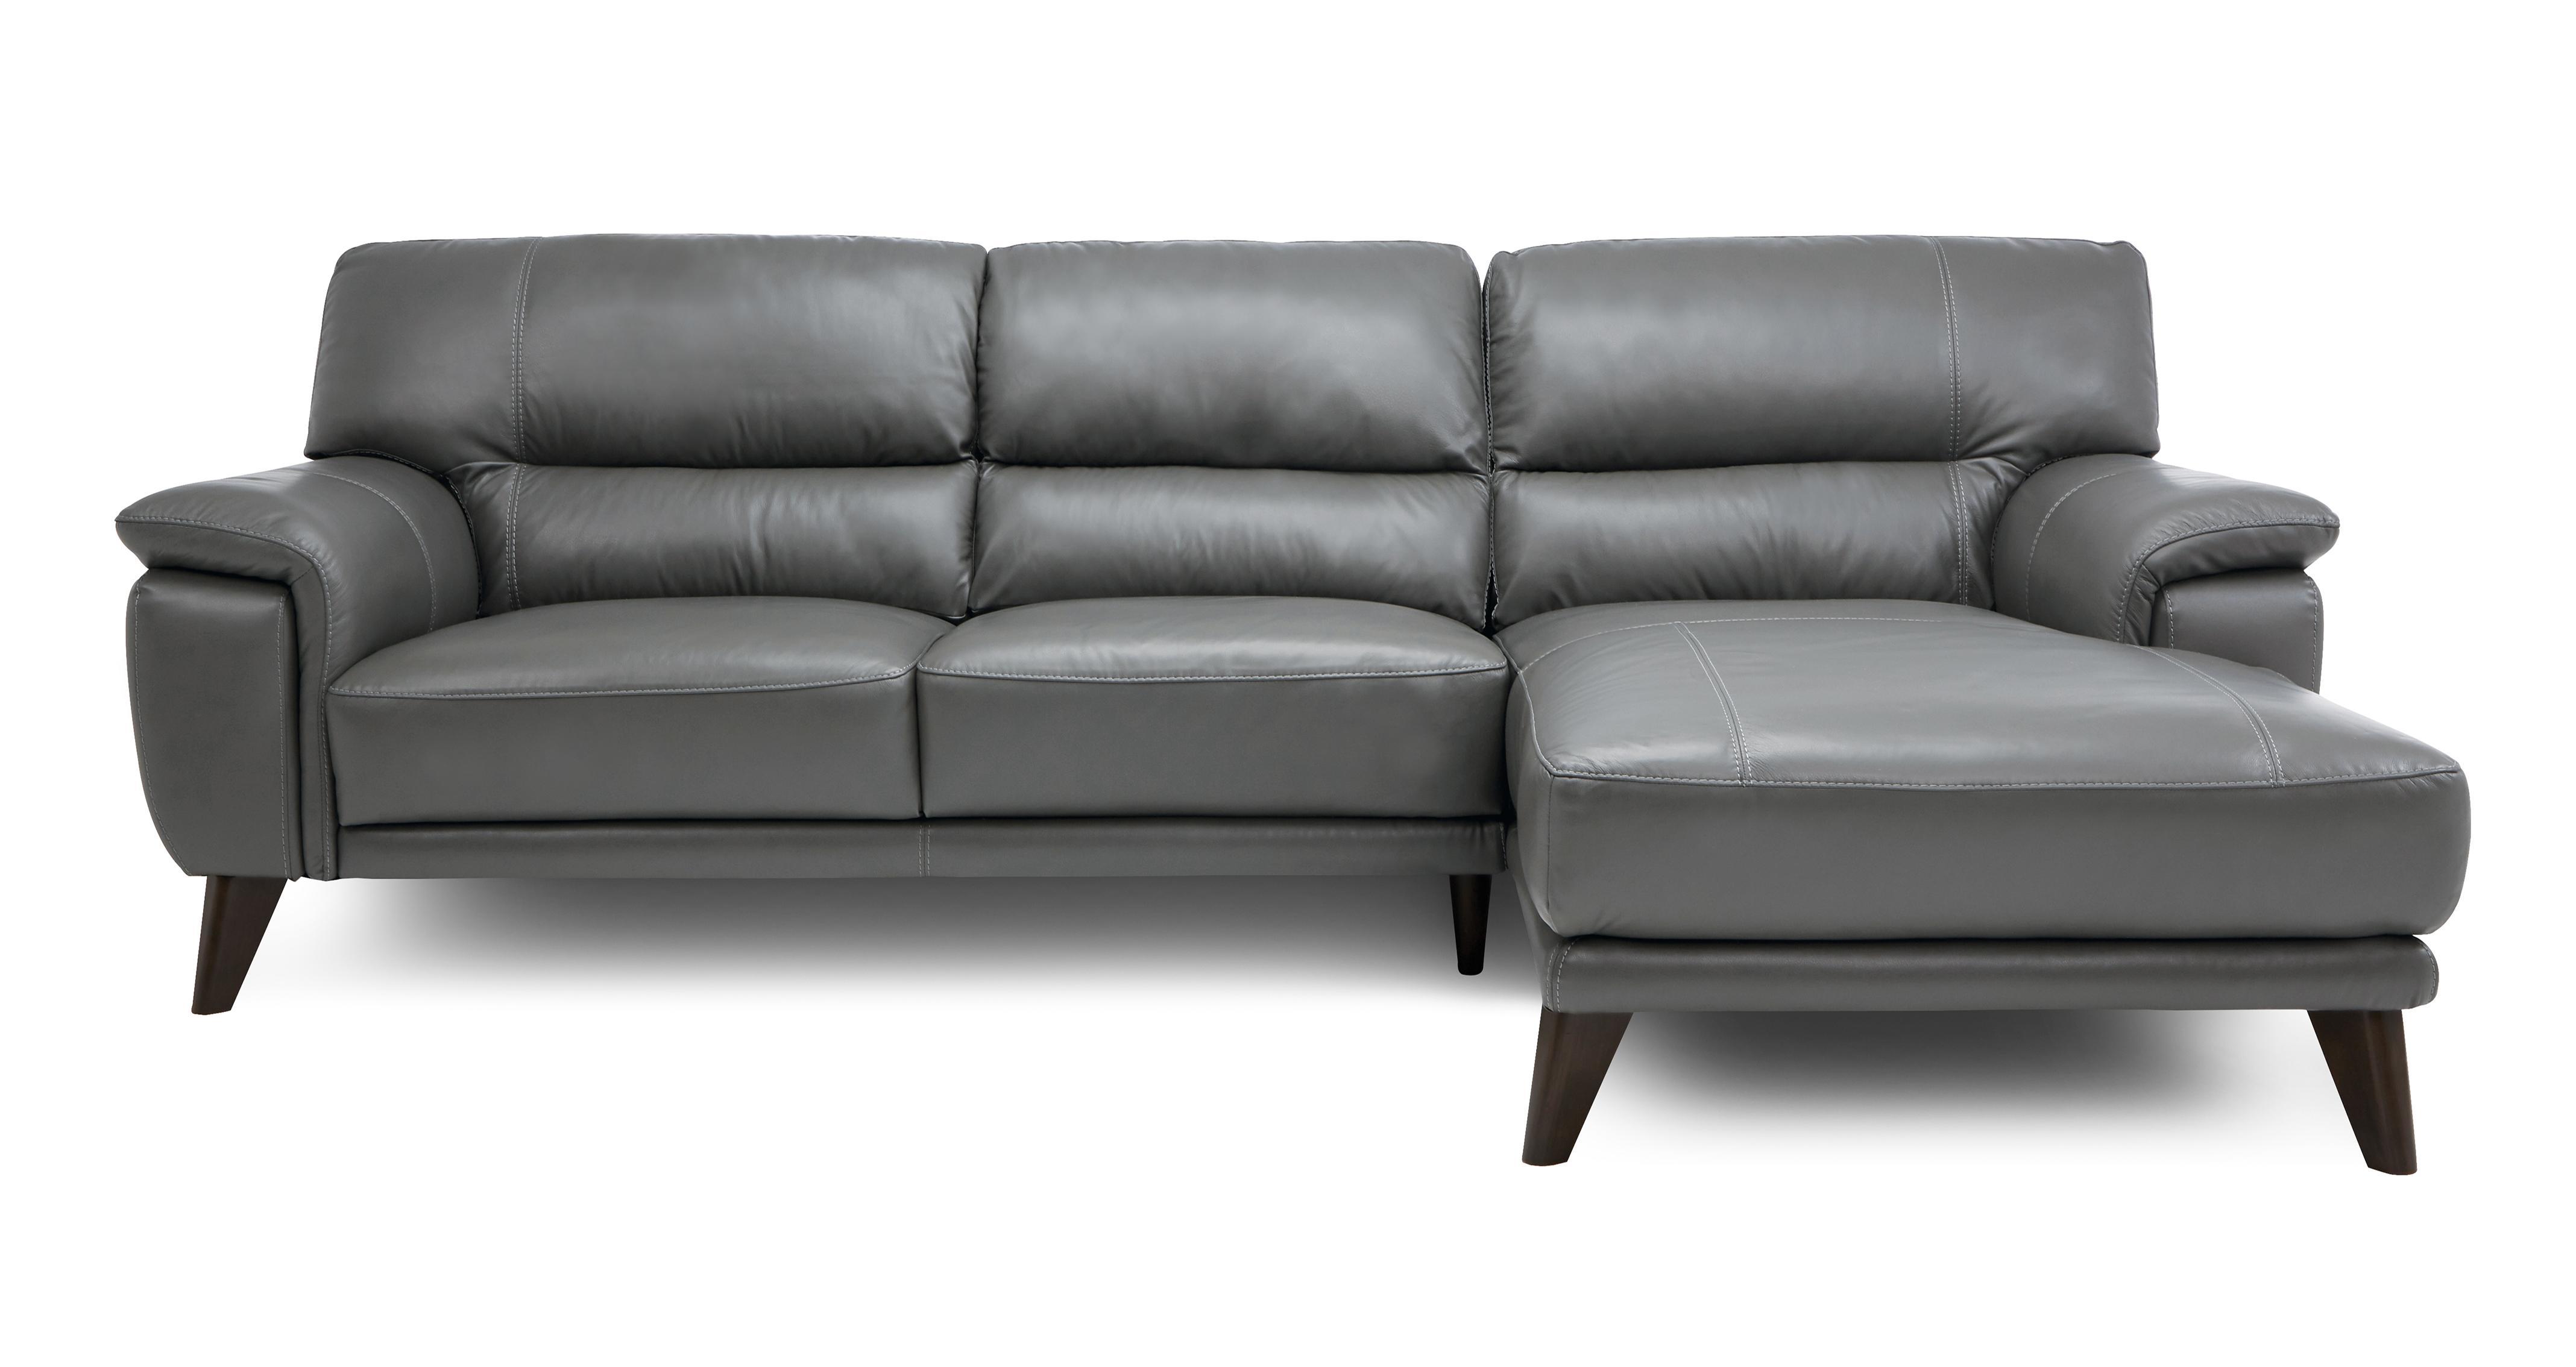 Excellent Colton Right Hand Facing Chaise End Sofa Inzonedesignstudio Interior Chair Design Inzonedesignstudiocom